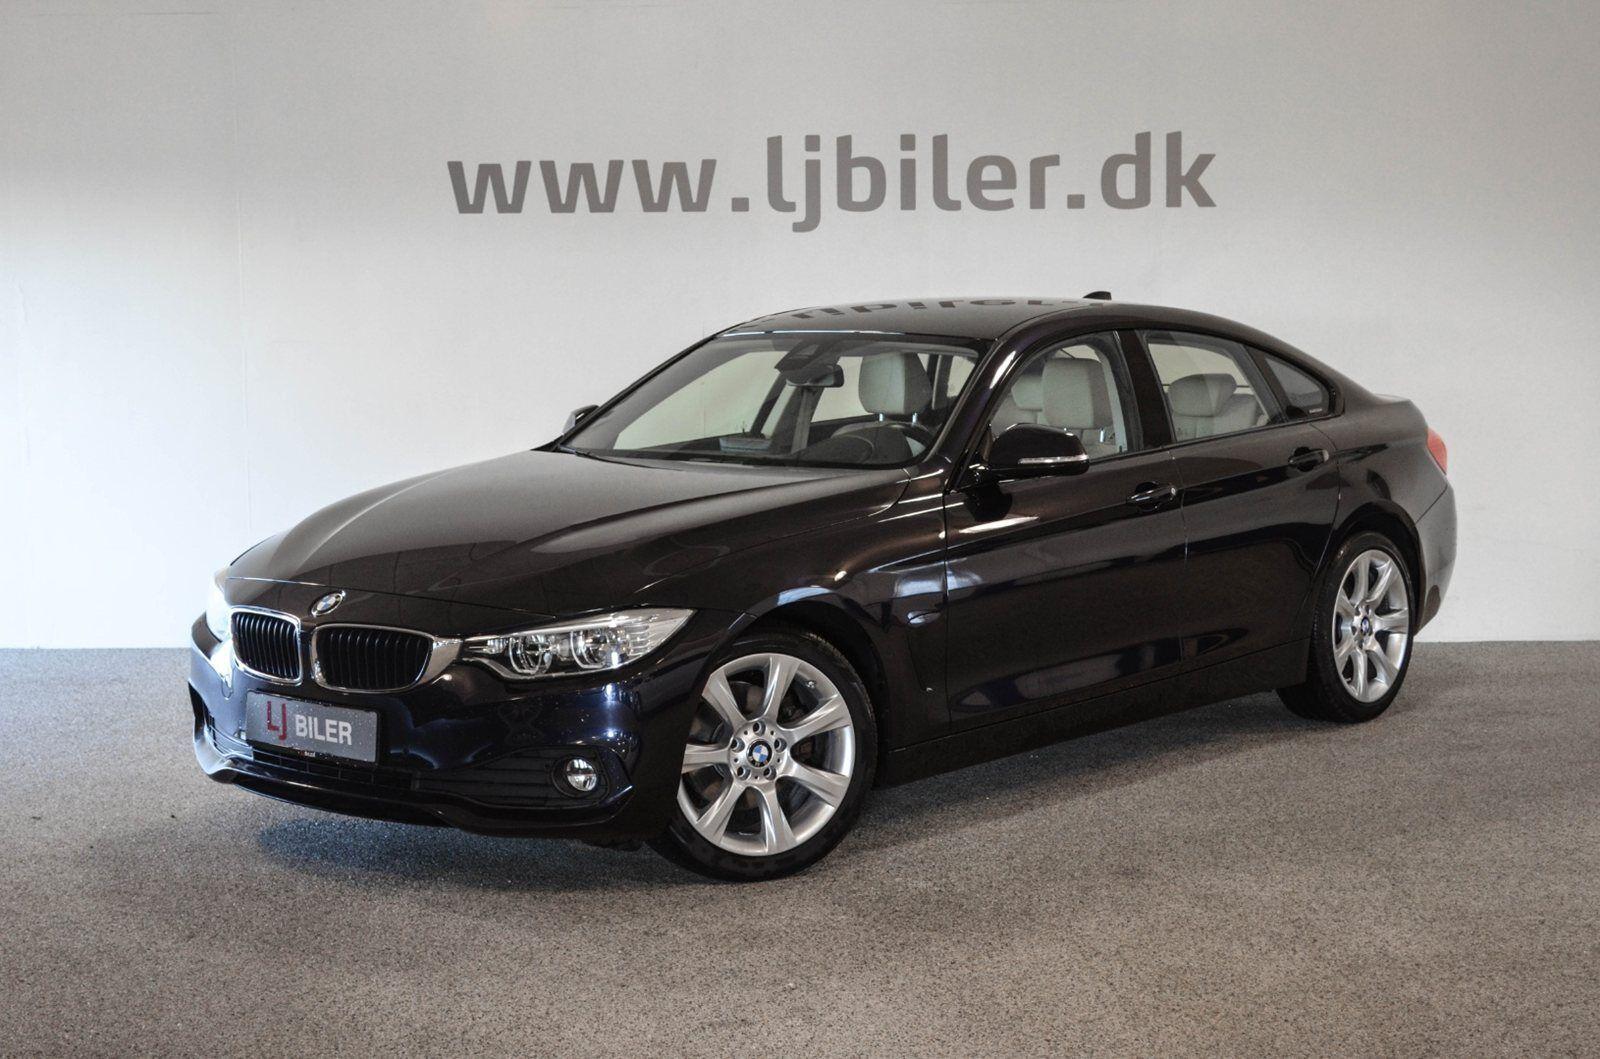 BMW 420d 2,0 Gran Coupé aut. 5d - 369.800 kr.